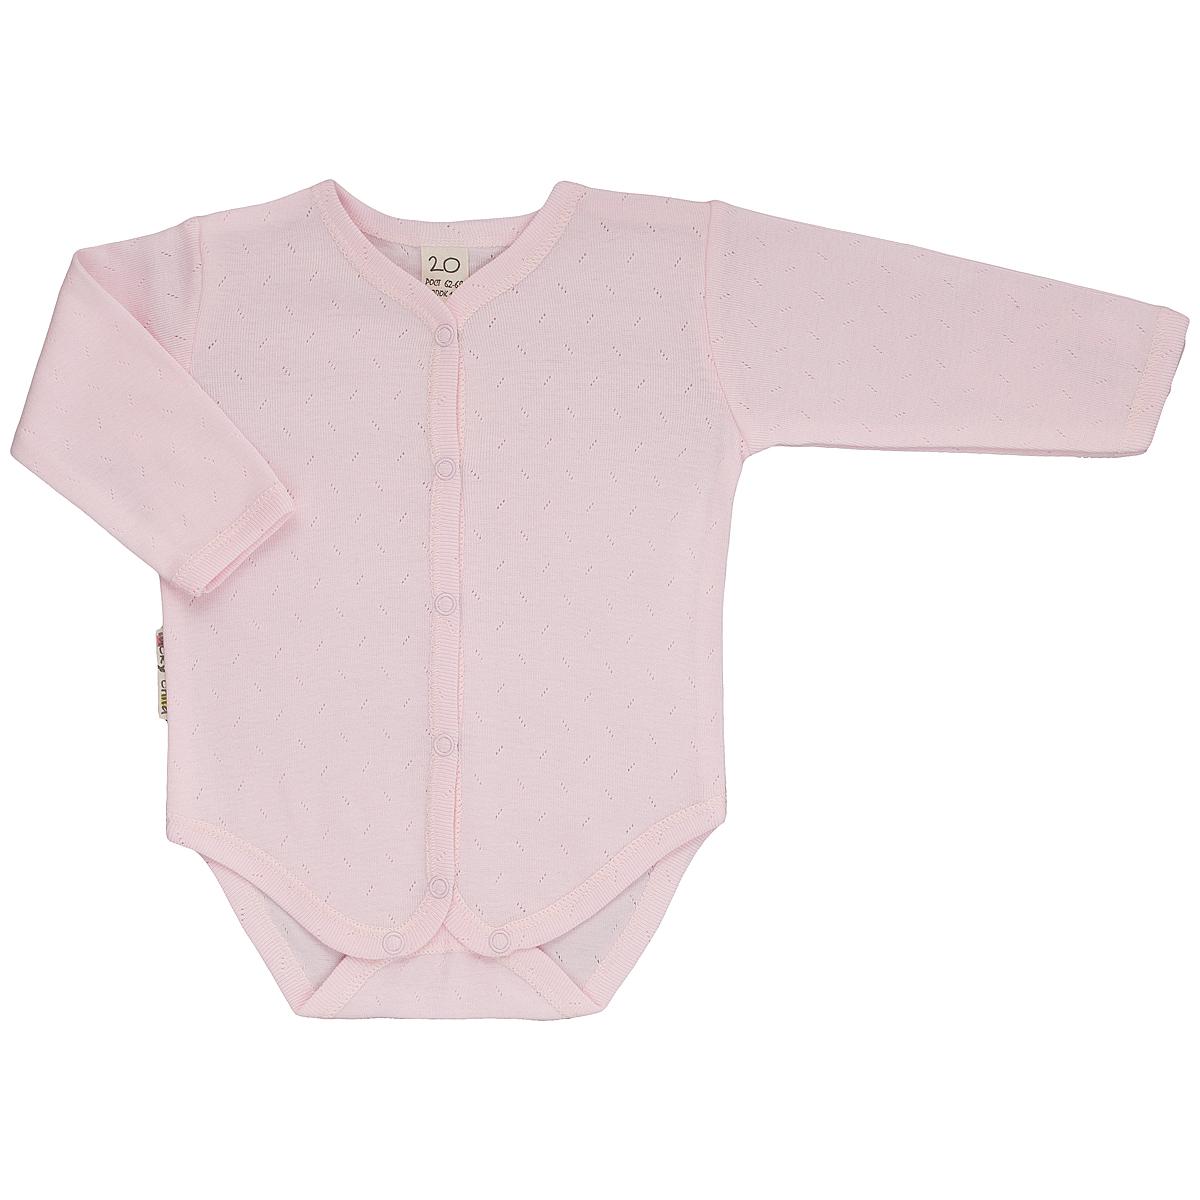 Боди детское Ажур. 0-60-6_ажурДетское боди Lucky Child с длинными рукавами послужит идеальным дополнением к гардеробу малыша, обеспечивая ему наибольший комфорт. Боди изготовлено из натурального хлопка, благодаря чему оно необычайно мягкое и легкое, не раздражает нежную кожу ребенка и хорошо вентилируется, а эластичные швы приятны телу малыша и не препятствуют его движениям. Удобные застежки-кнопки спереди по всей длине и на ластовице помогают легко переодеть младенца и сменить подгузник. Боди выполнено из ткани с ажурным узором. Боди полностью соответствует особенностям жизни малыша в ранний период, не стесняя и не ограничивая его в движениях. В нем ваш ребенок всегда будет в центре внимания.